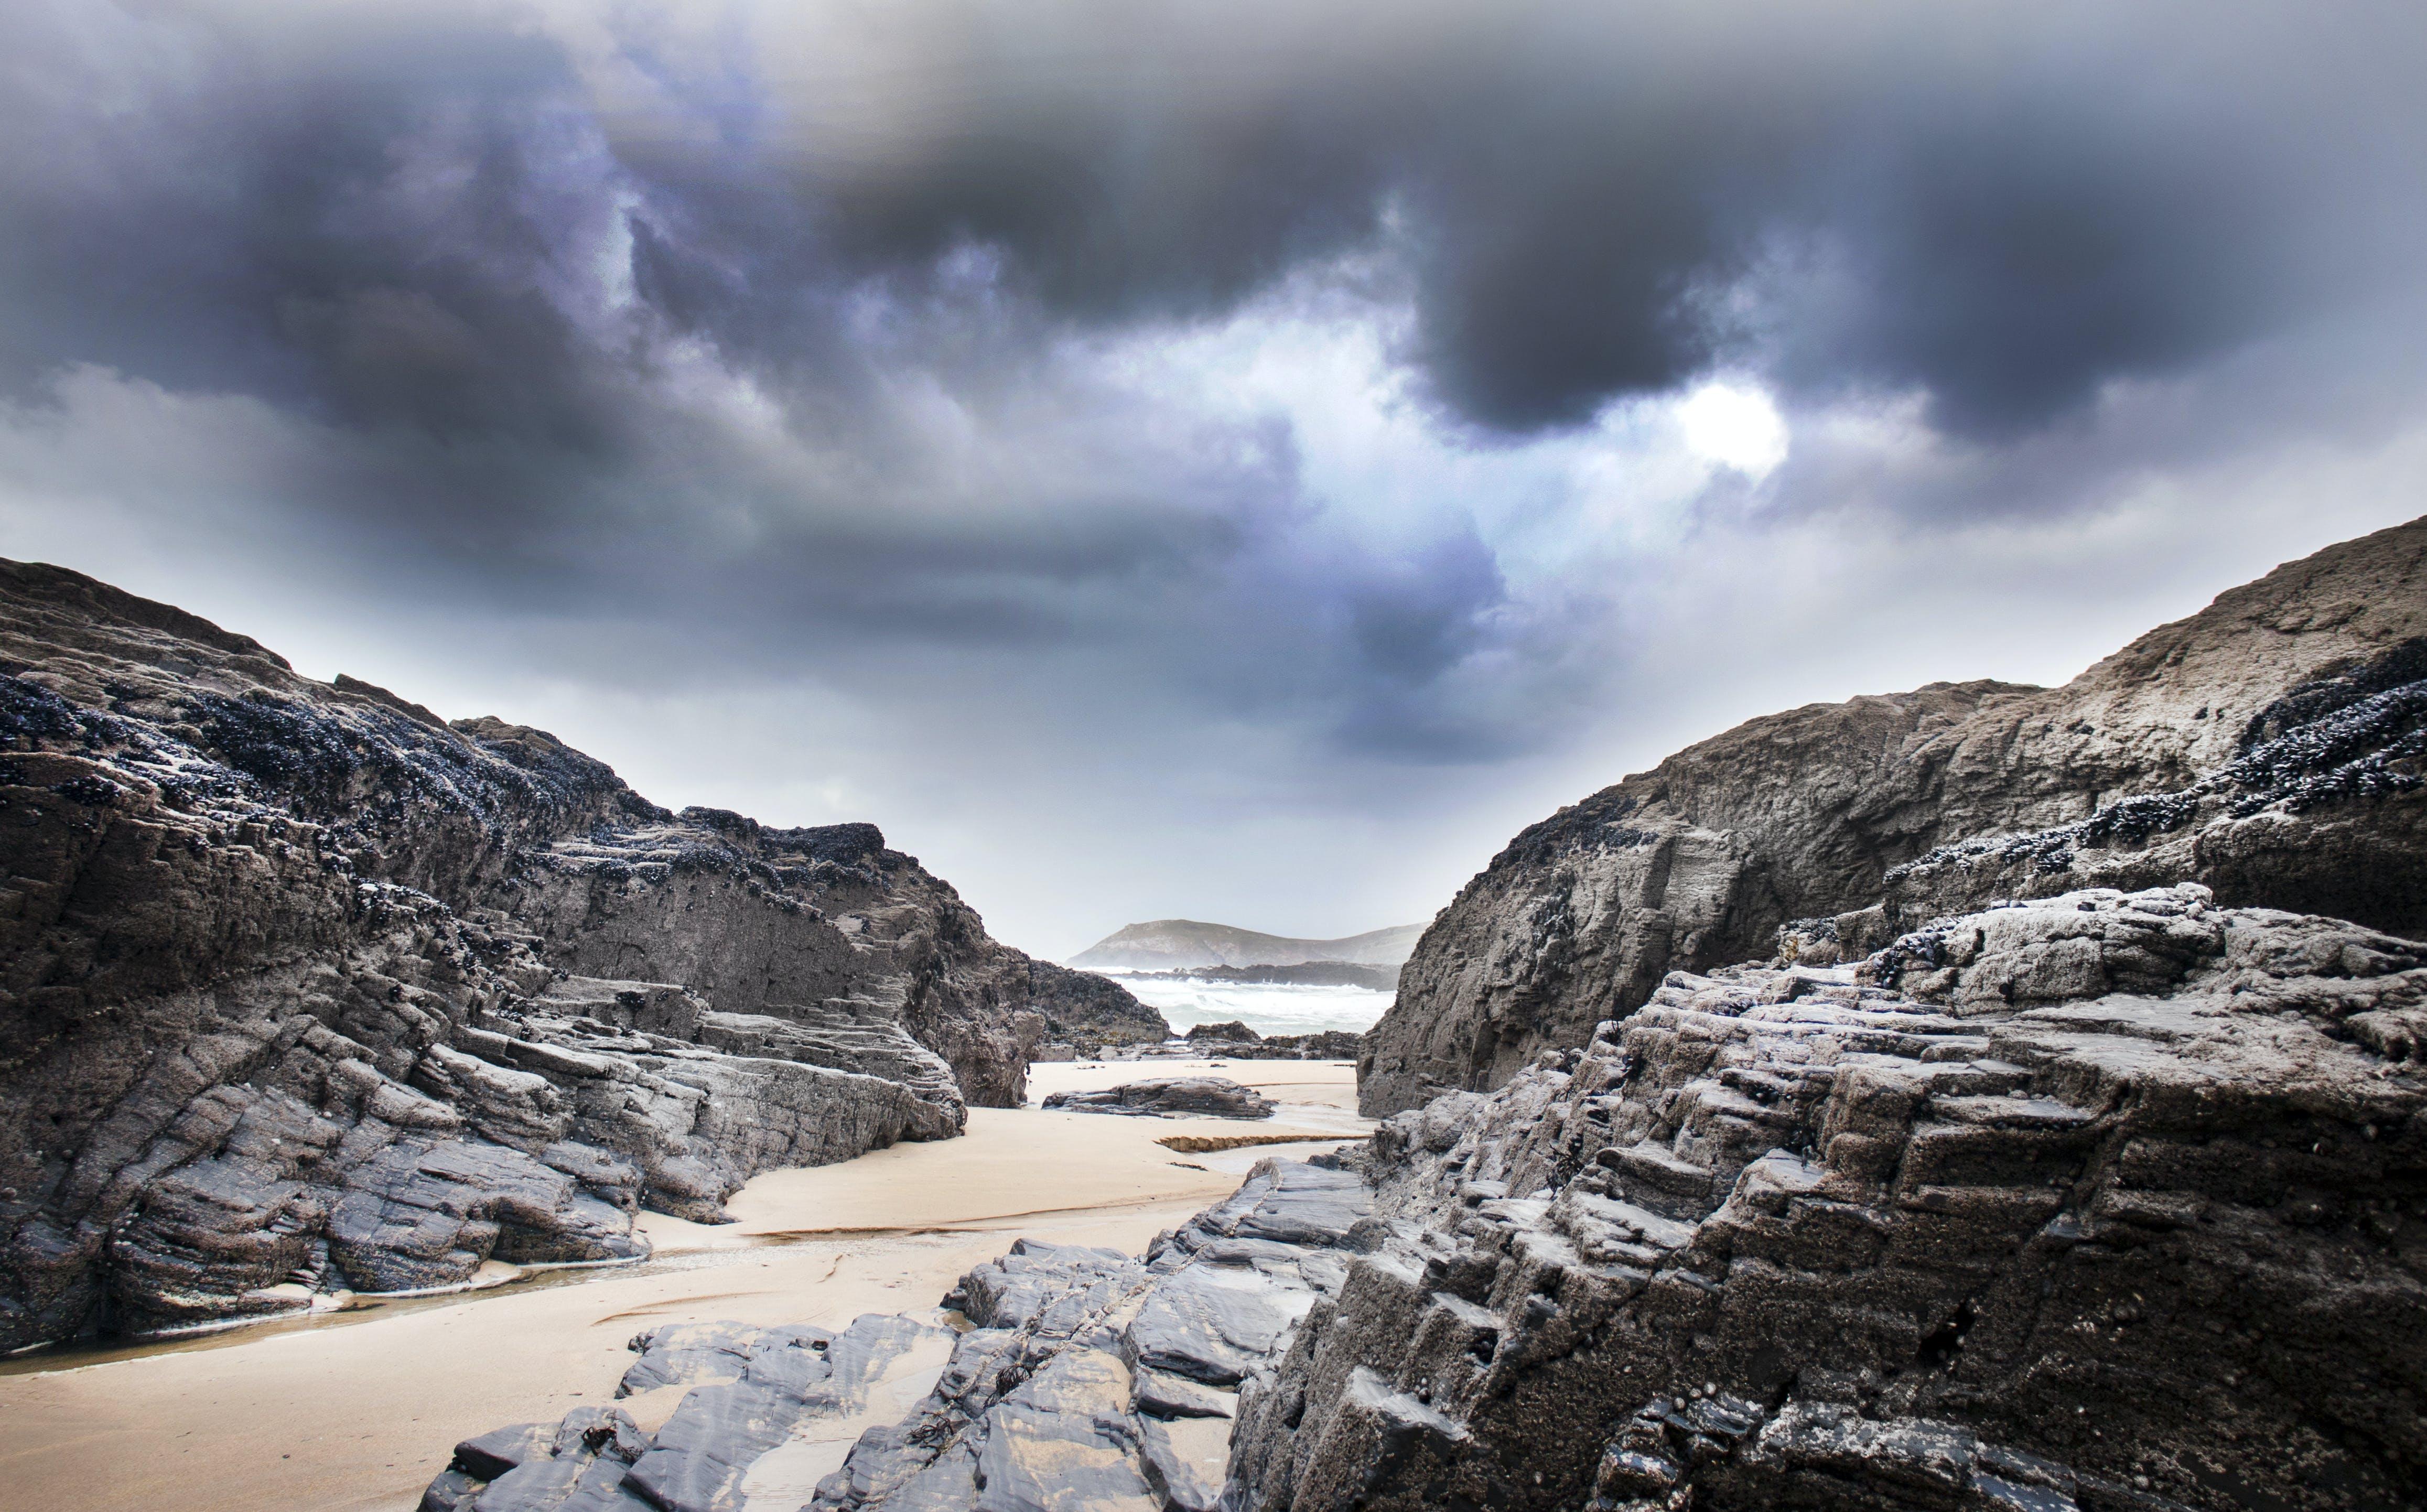 Δωρεάν στοκ φωτογραφιών με ακτή, άμμος, βράχια, γραφικός